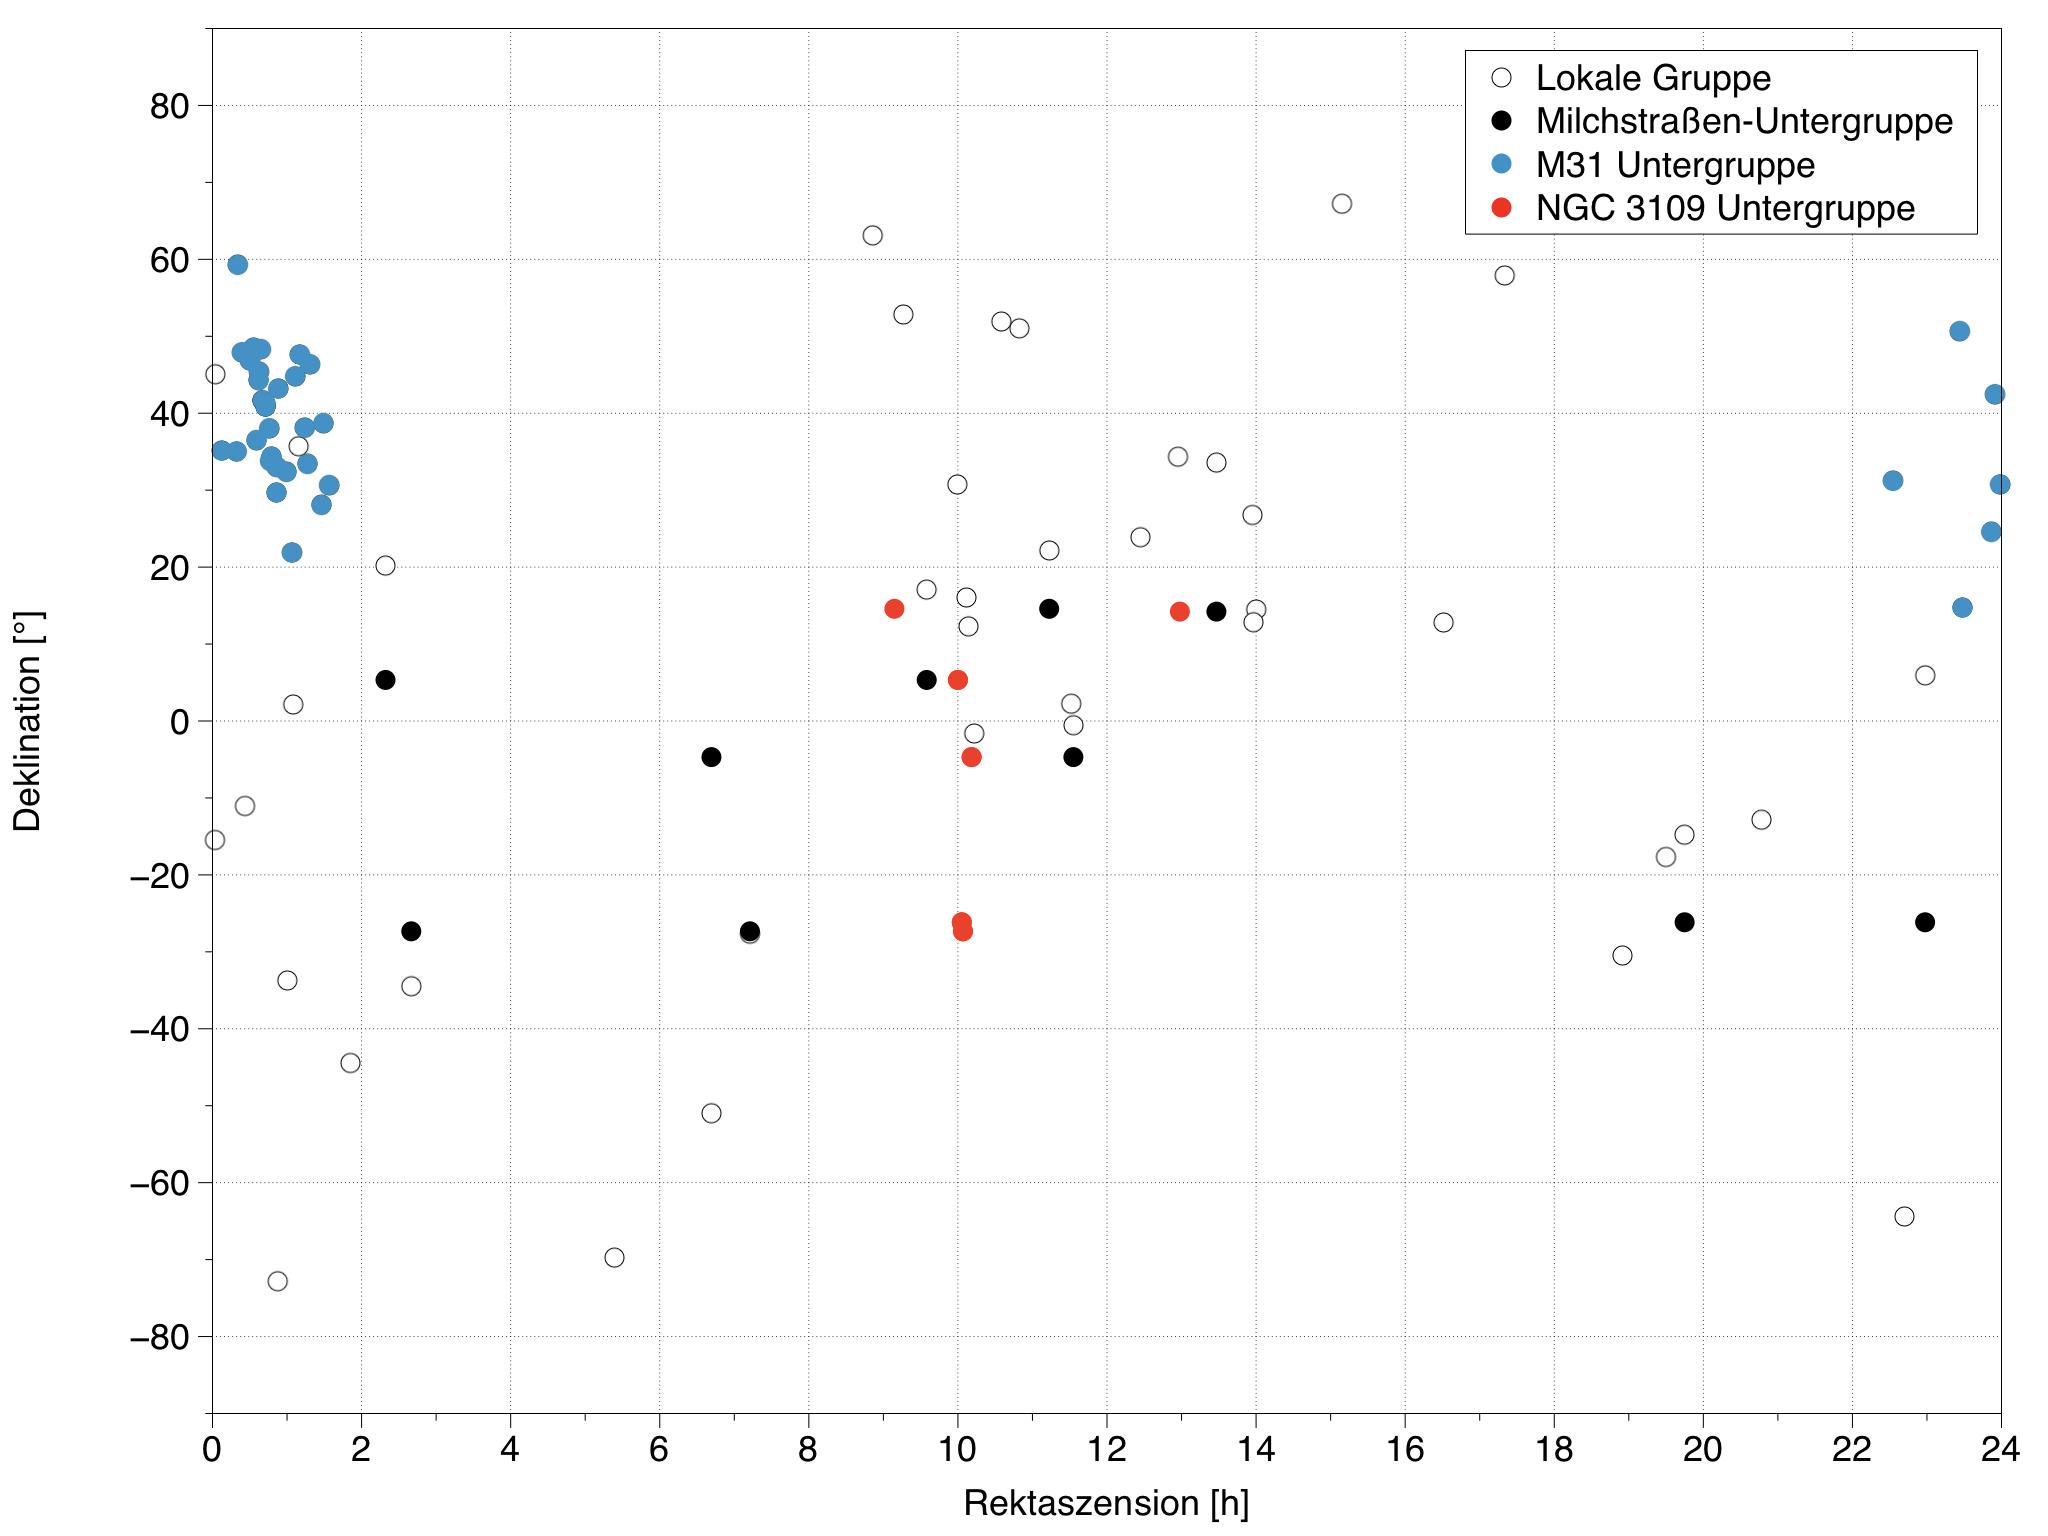 Die Verteilung von Galaxien der Lokalen Gruppen am Himmel. Die Milchstraßen-, M31- und NGC 3109-Subgruppen sind farblich hervorgehoben.